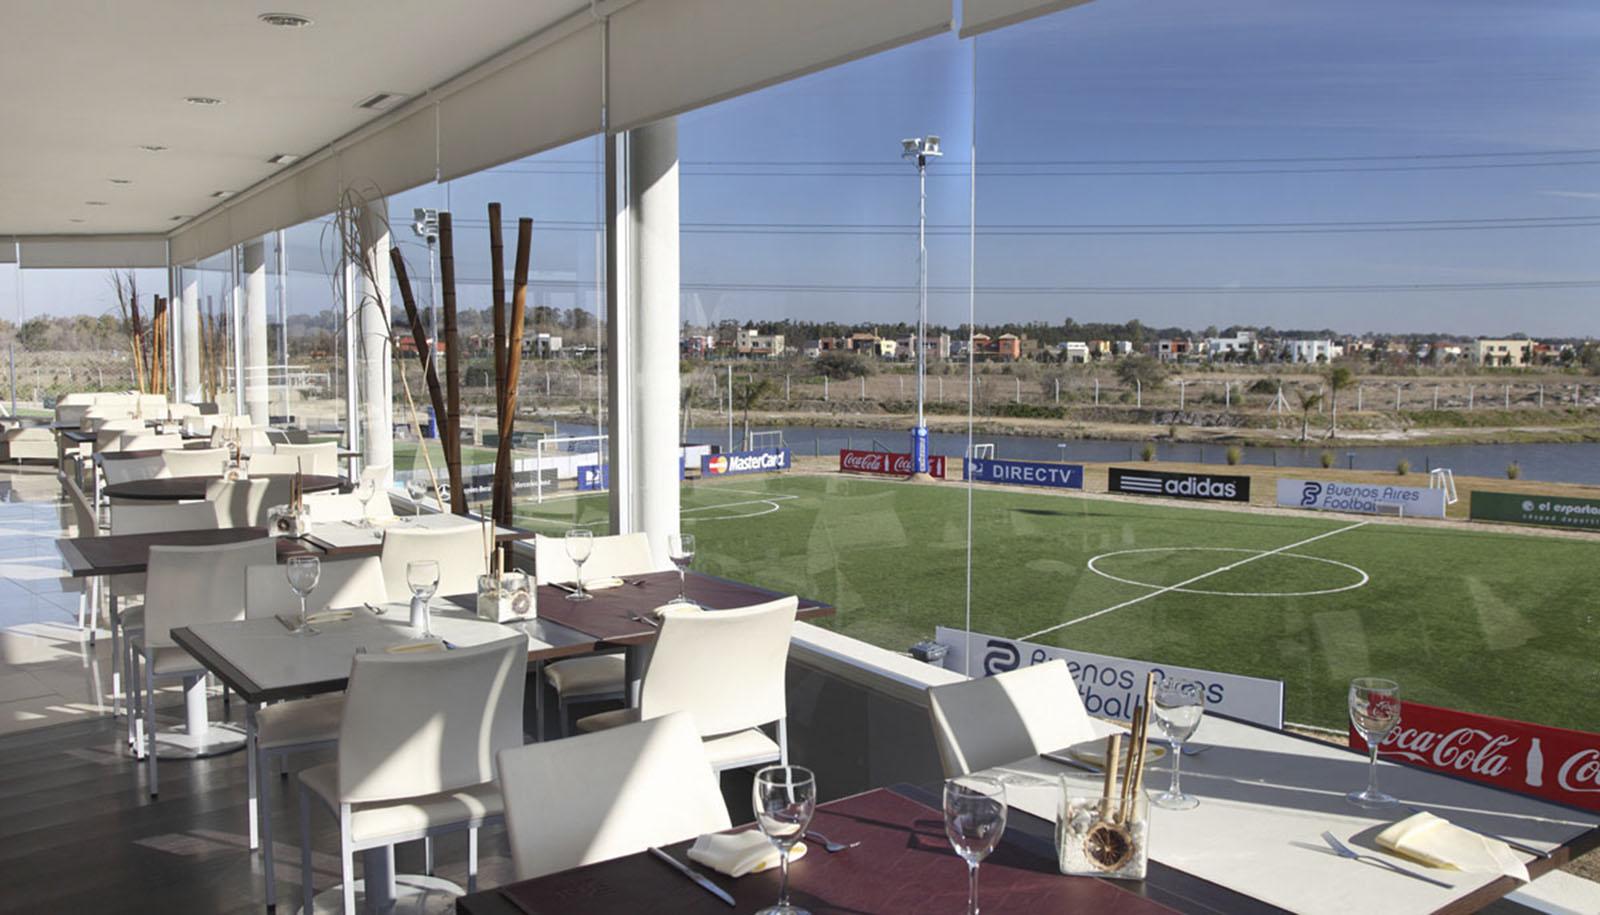 Club deportivo en tigre, bar en canchas, restaurant con vista al rio